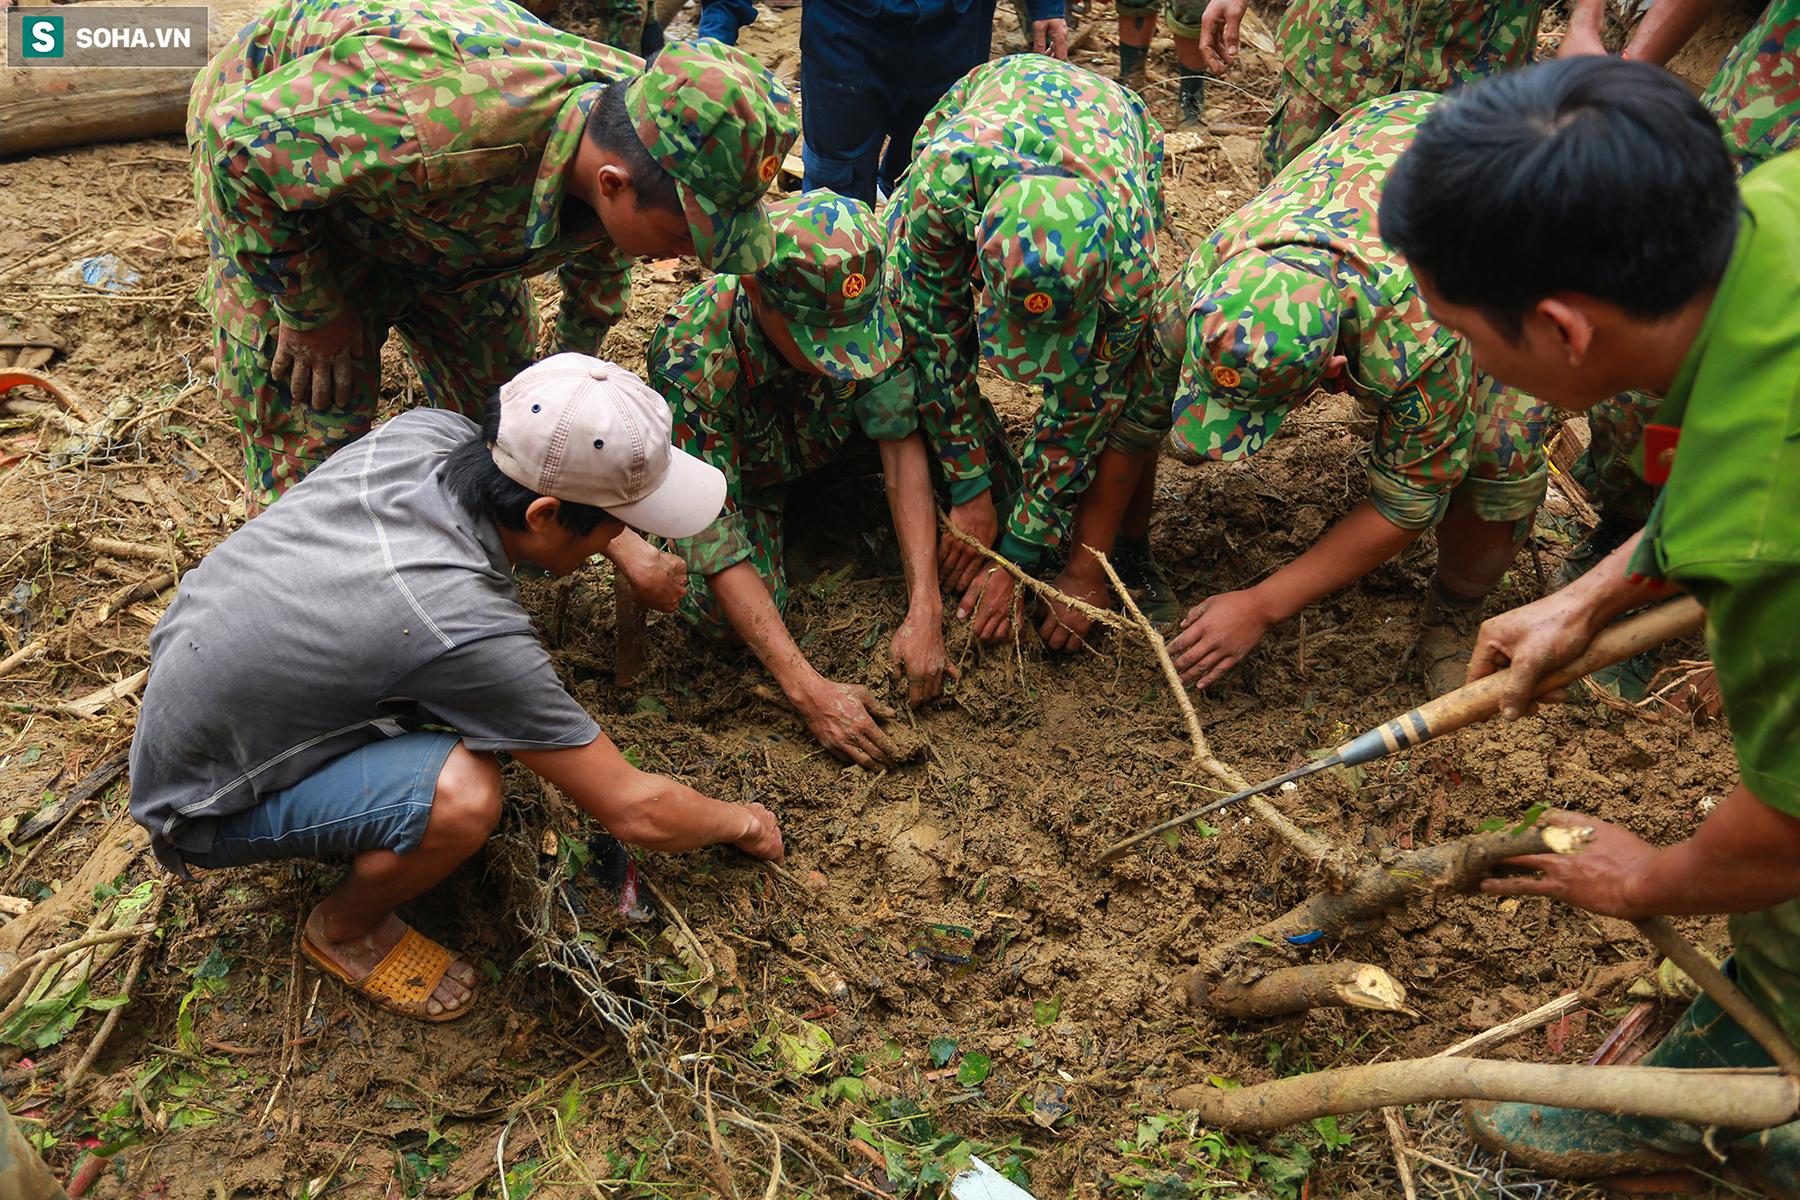 [Ảnh] Dân làng khóc nghẹn khi tìm thấy bé trai 10 tháng tuổi dưới lớp bùn đất vụ sạt lở ở Trà Leng - Ảnh 4.